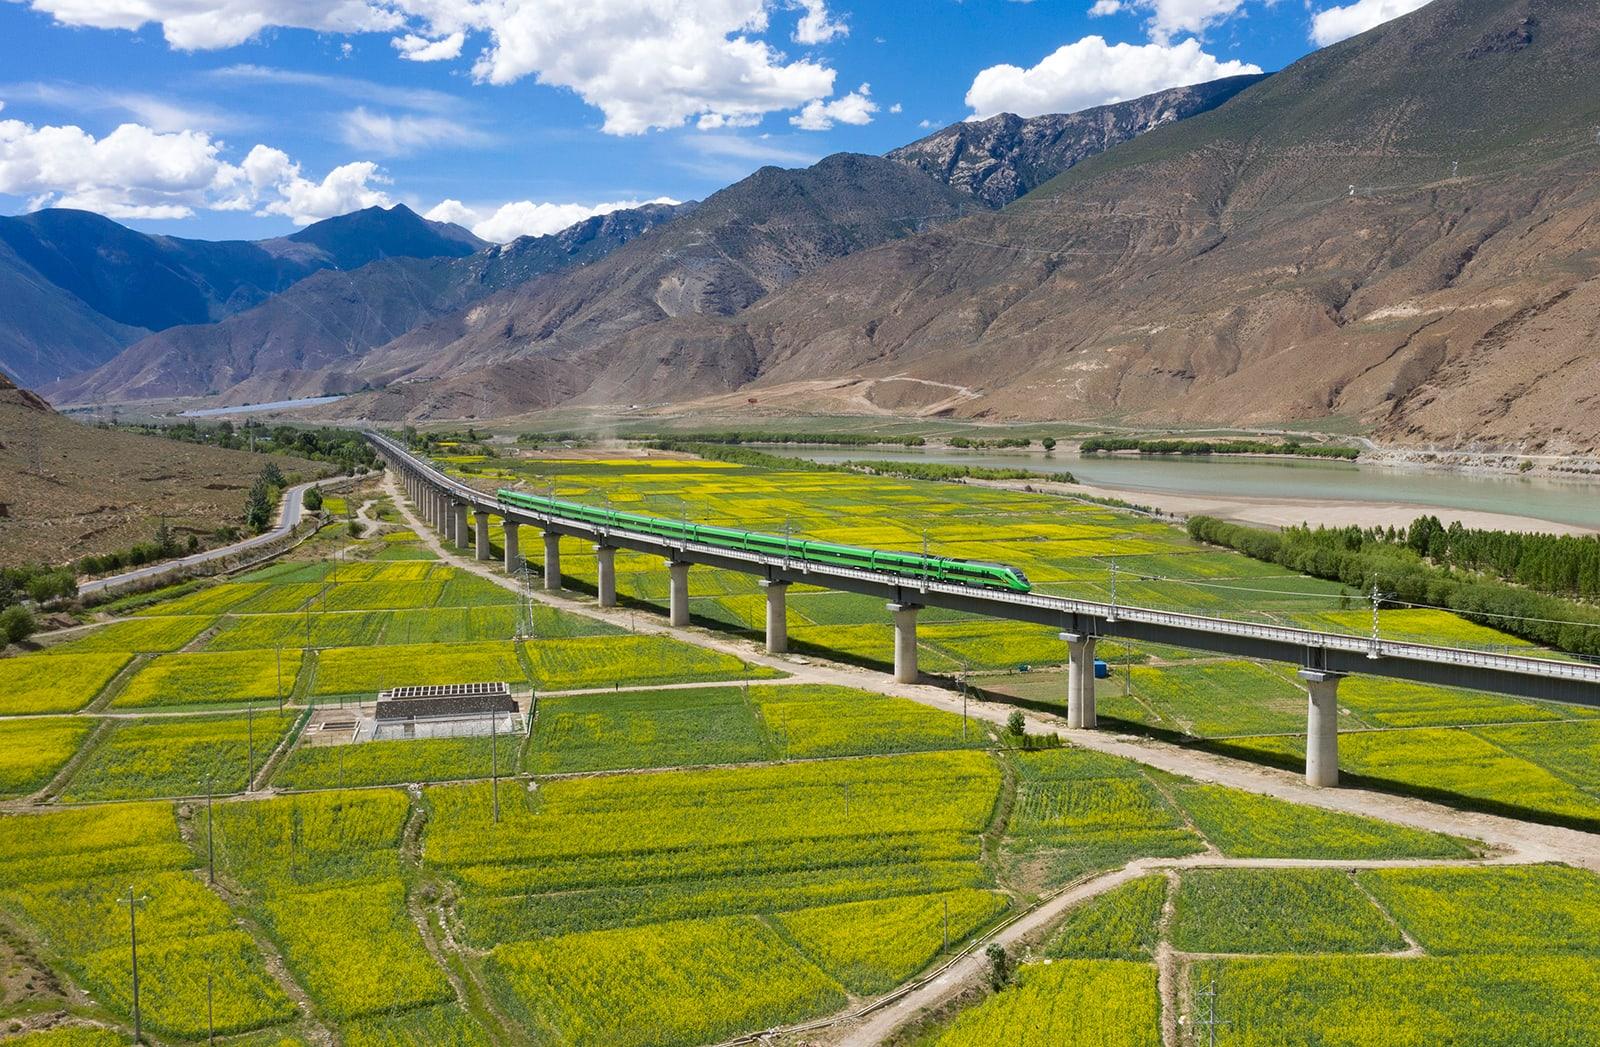 """لم يكن بناؤه في """"سقف العالم"""" سهلاً.. دخول أول خط قطار سريع في التبت الخدمة"""